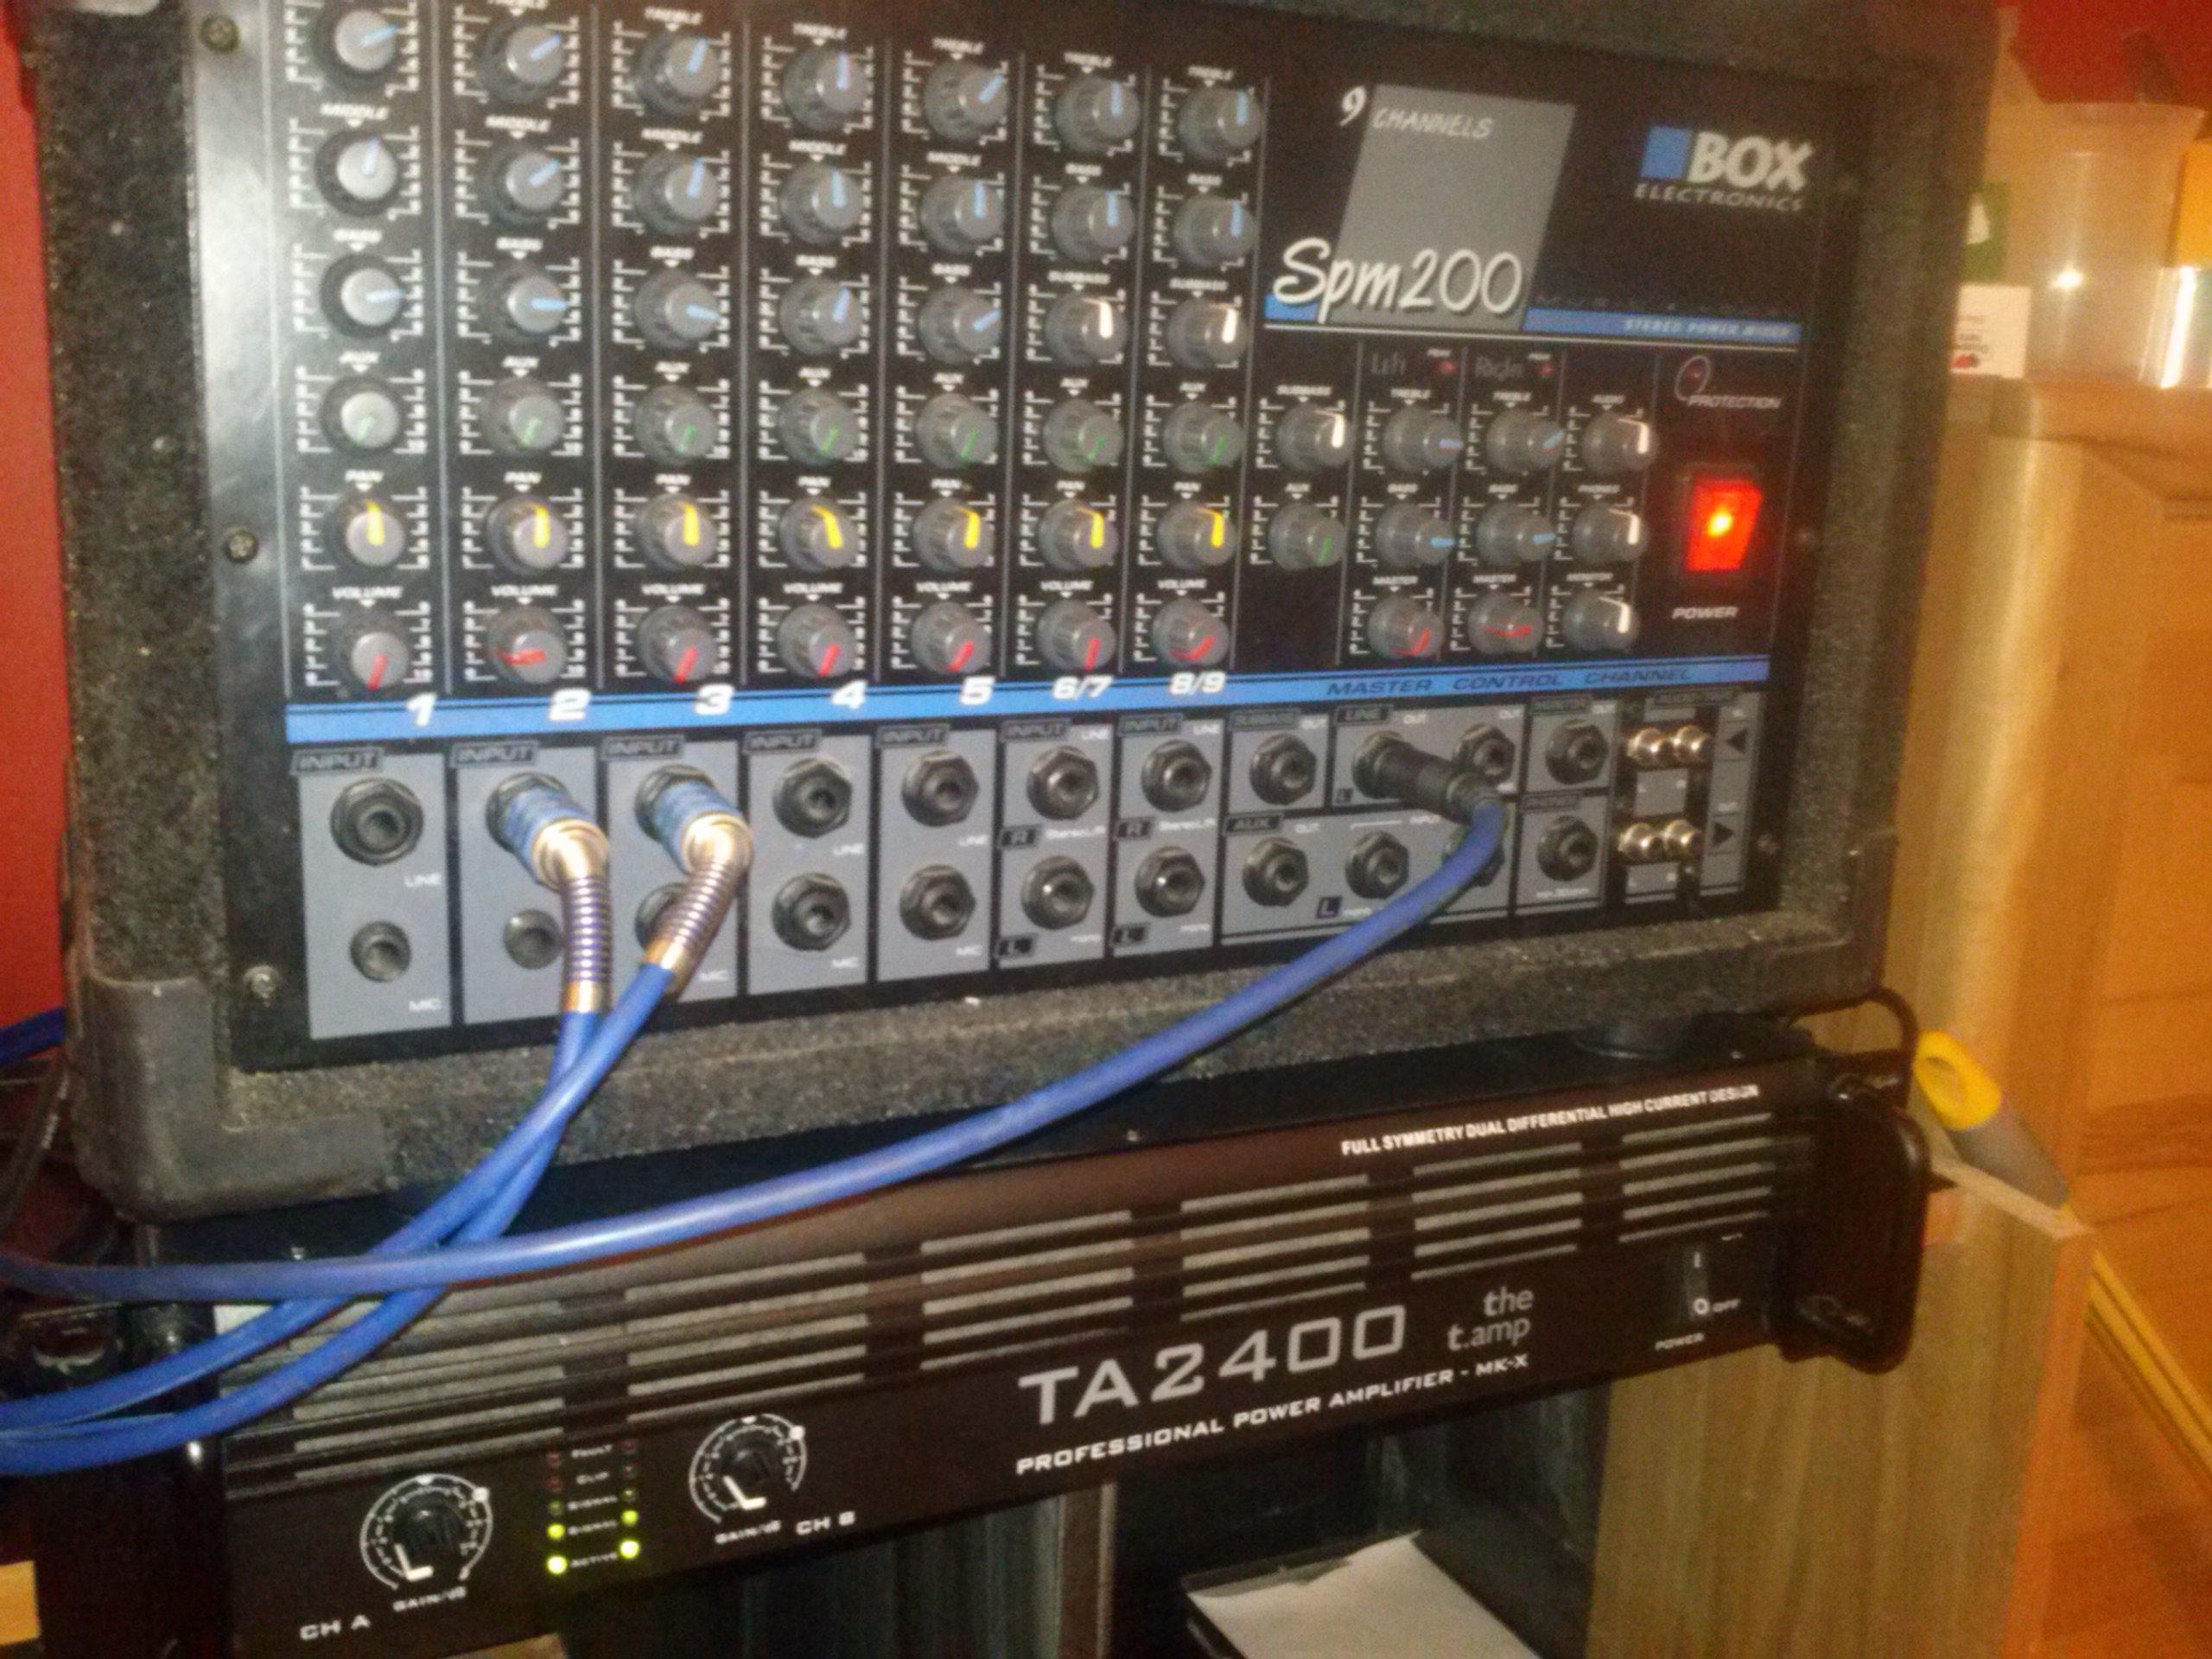 [Sprzedam] Powermixer SPM200 Box Electronics